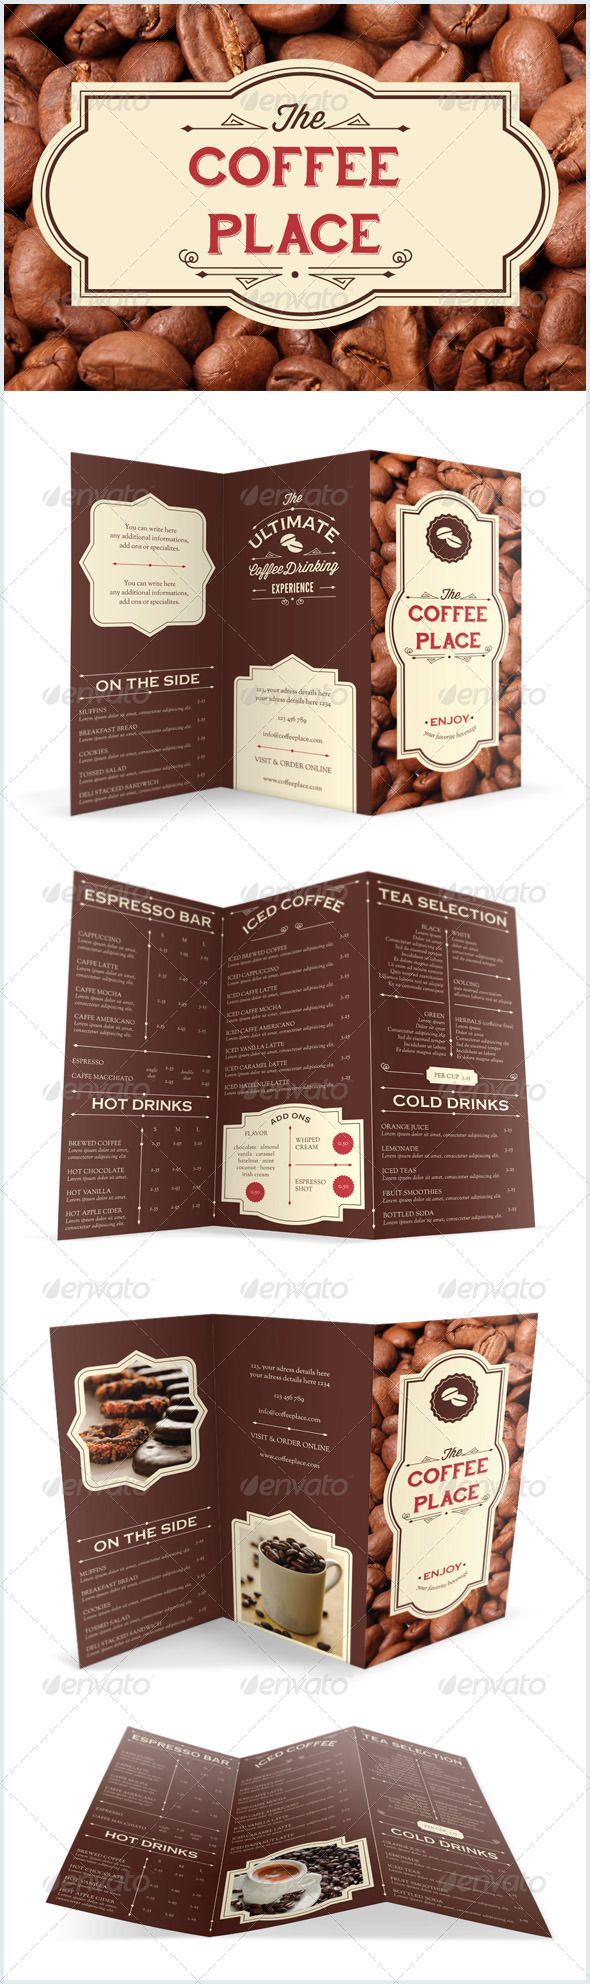 Designs Donut Shop Needs New Menu Design Menu Contest By Alina S Coffee Shop Menu Menu Design Donut Shop